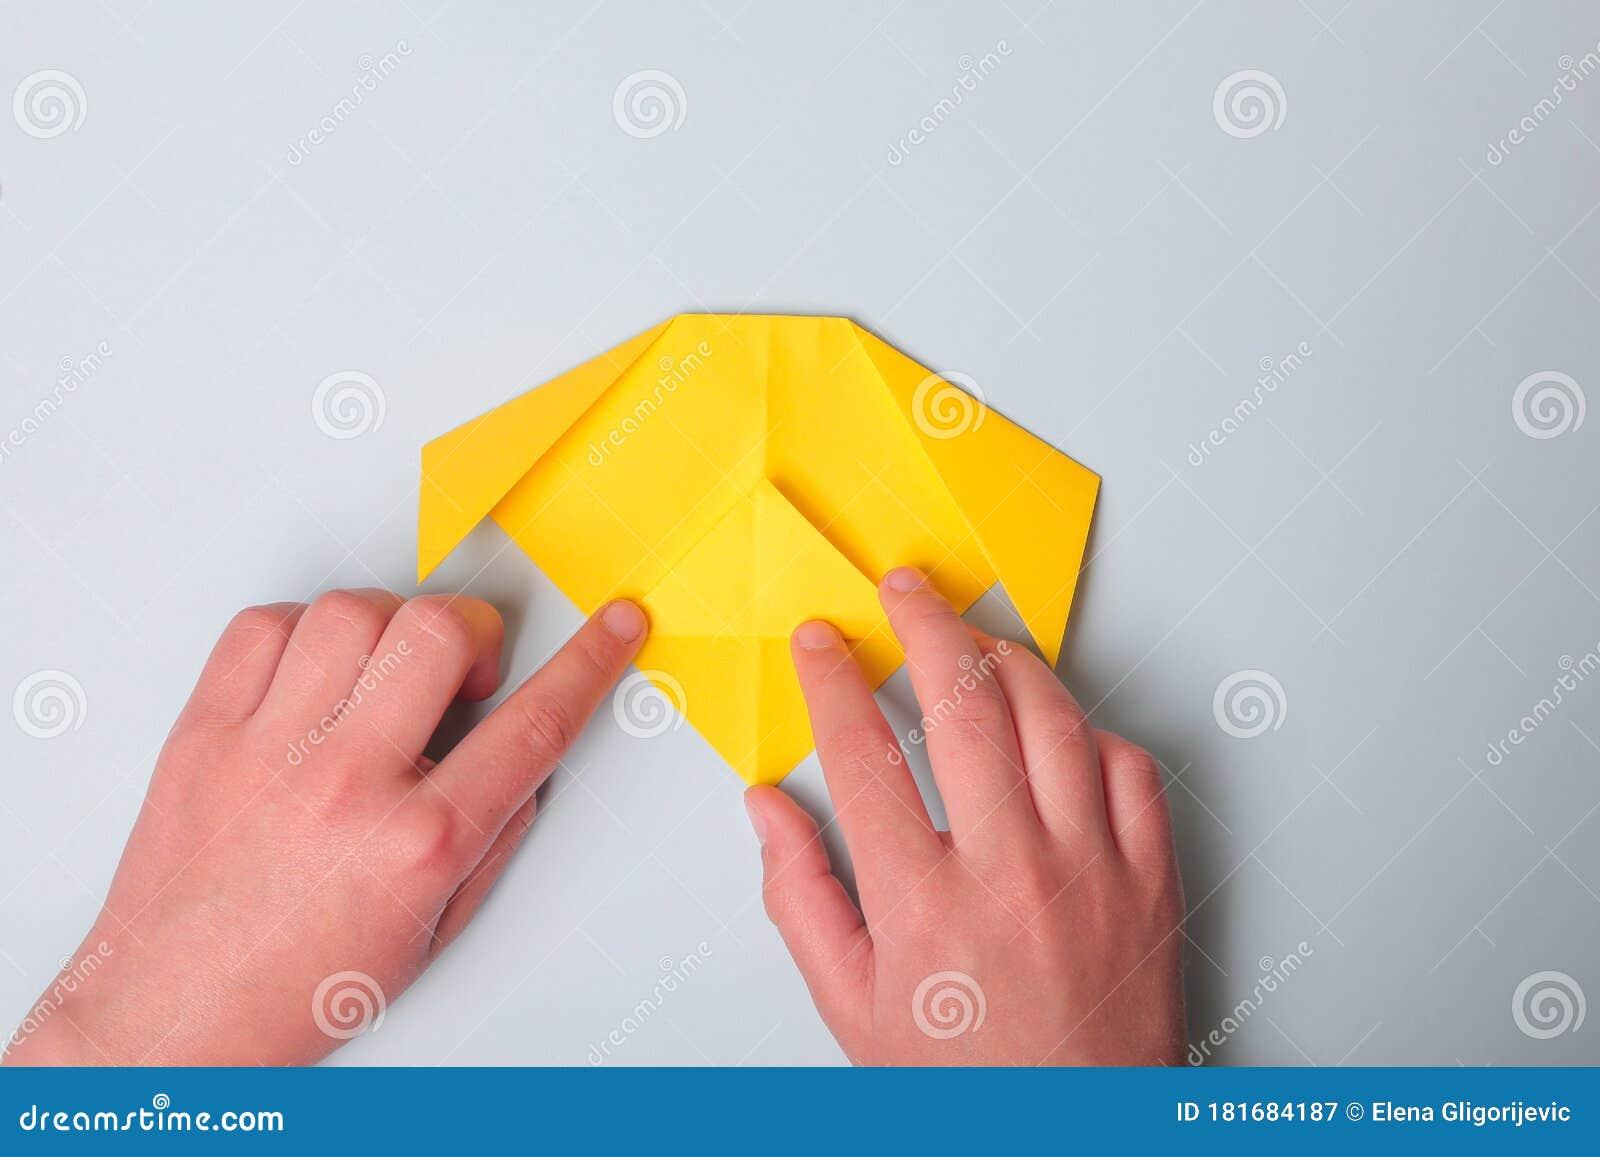 DIY Origami star garland | Sterne basteln für weihnachten, Origami ... | 1156x1600